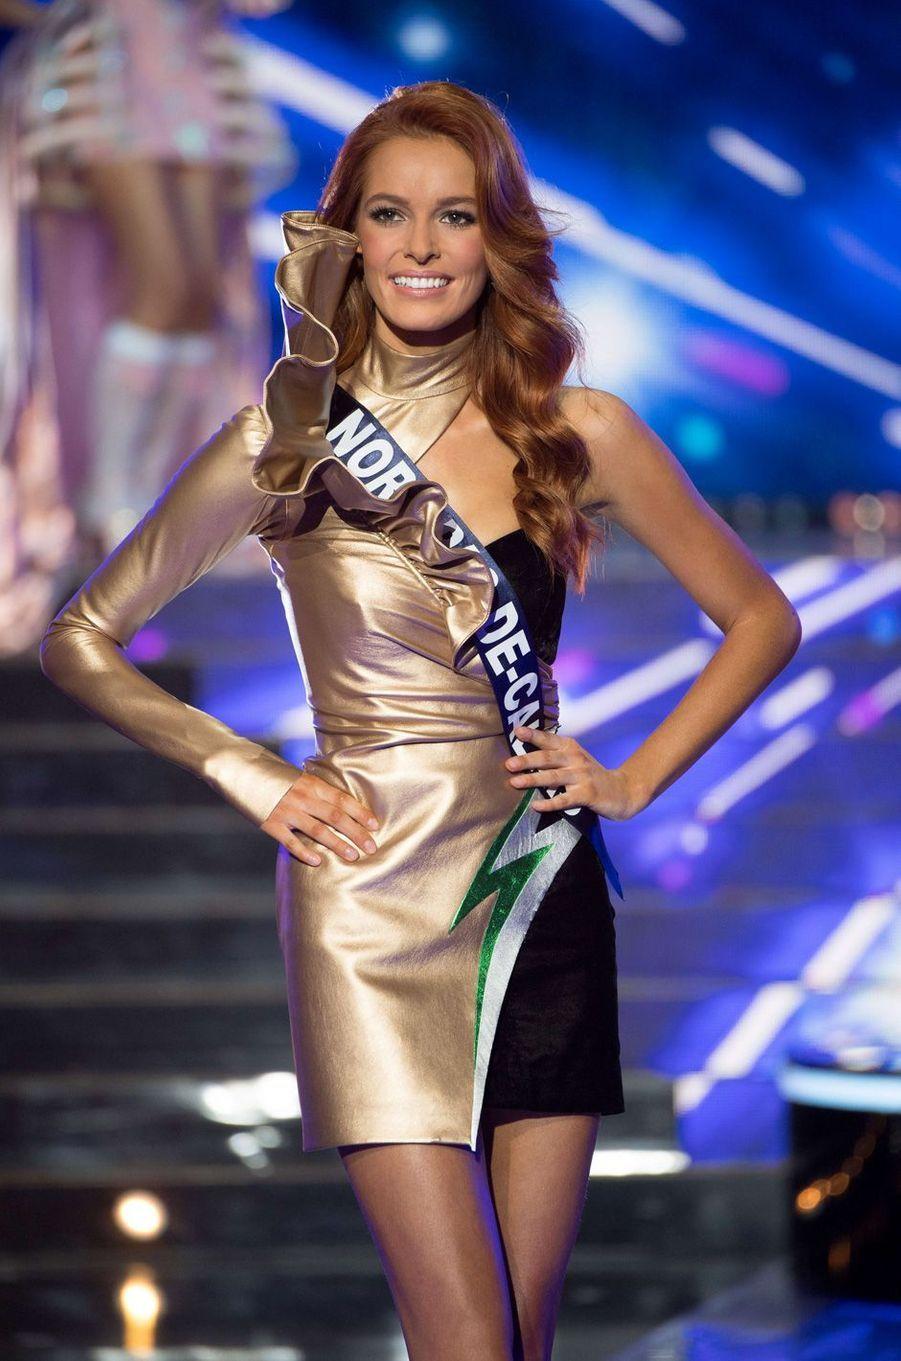 Maëva Coucke représente les couleurs duNord-Pas-de-Calais. Dans quelques instants, elle seraélue Miss France 2018.